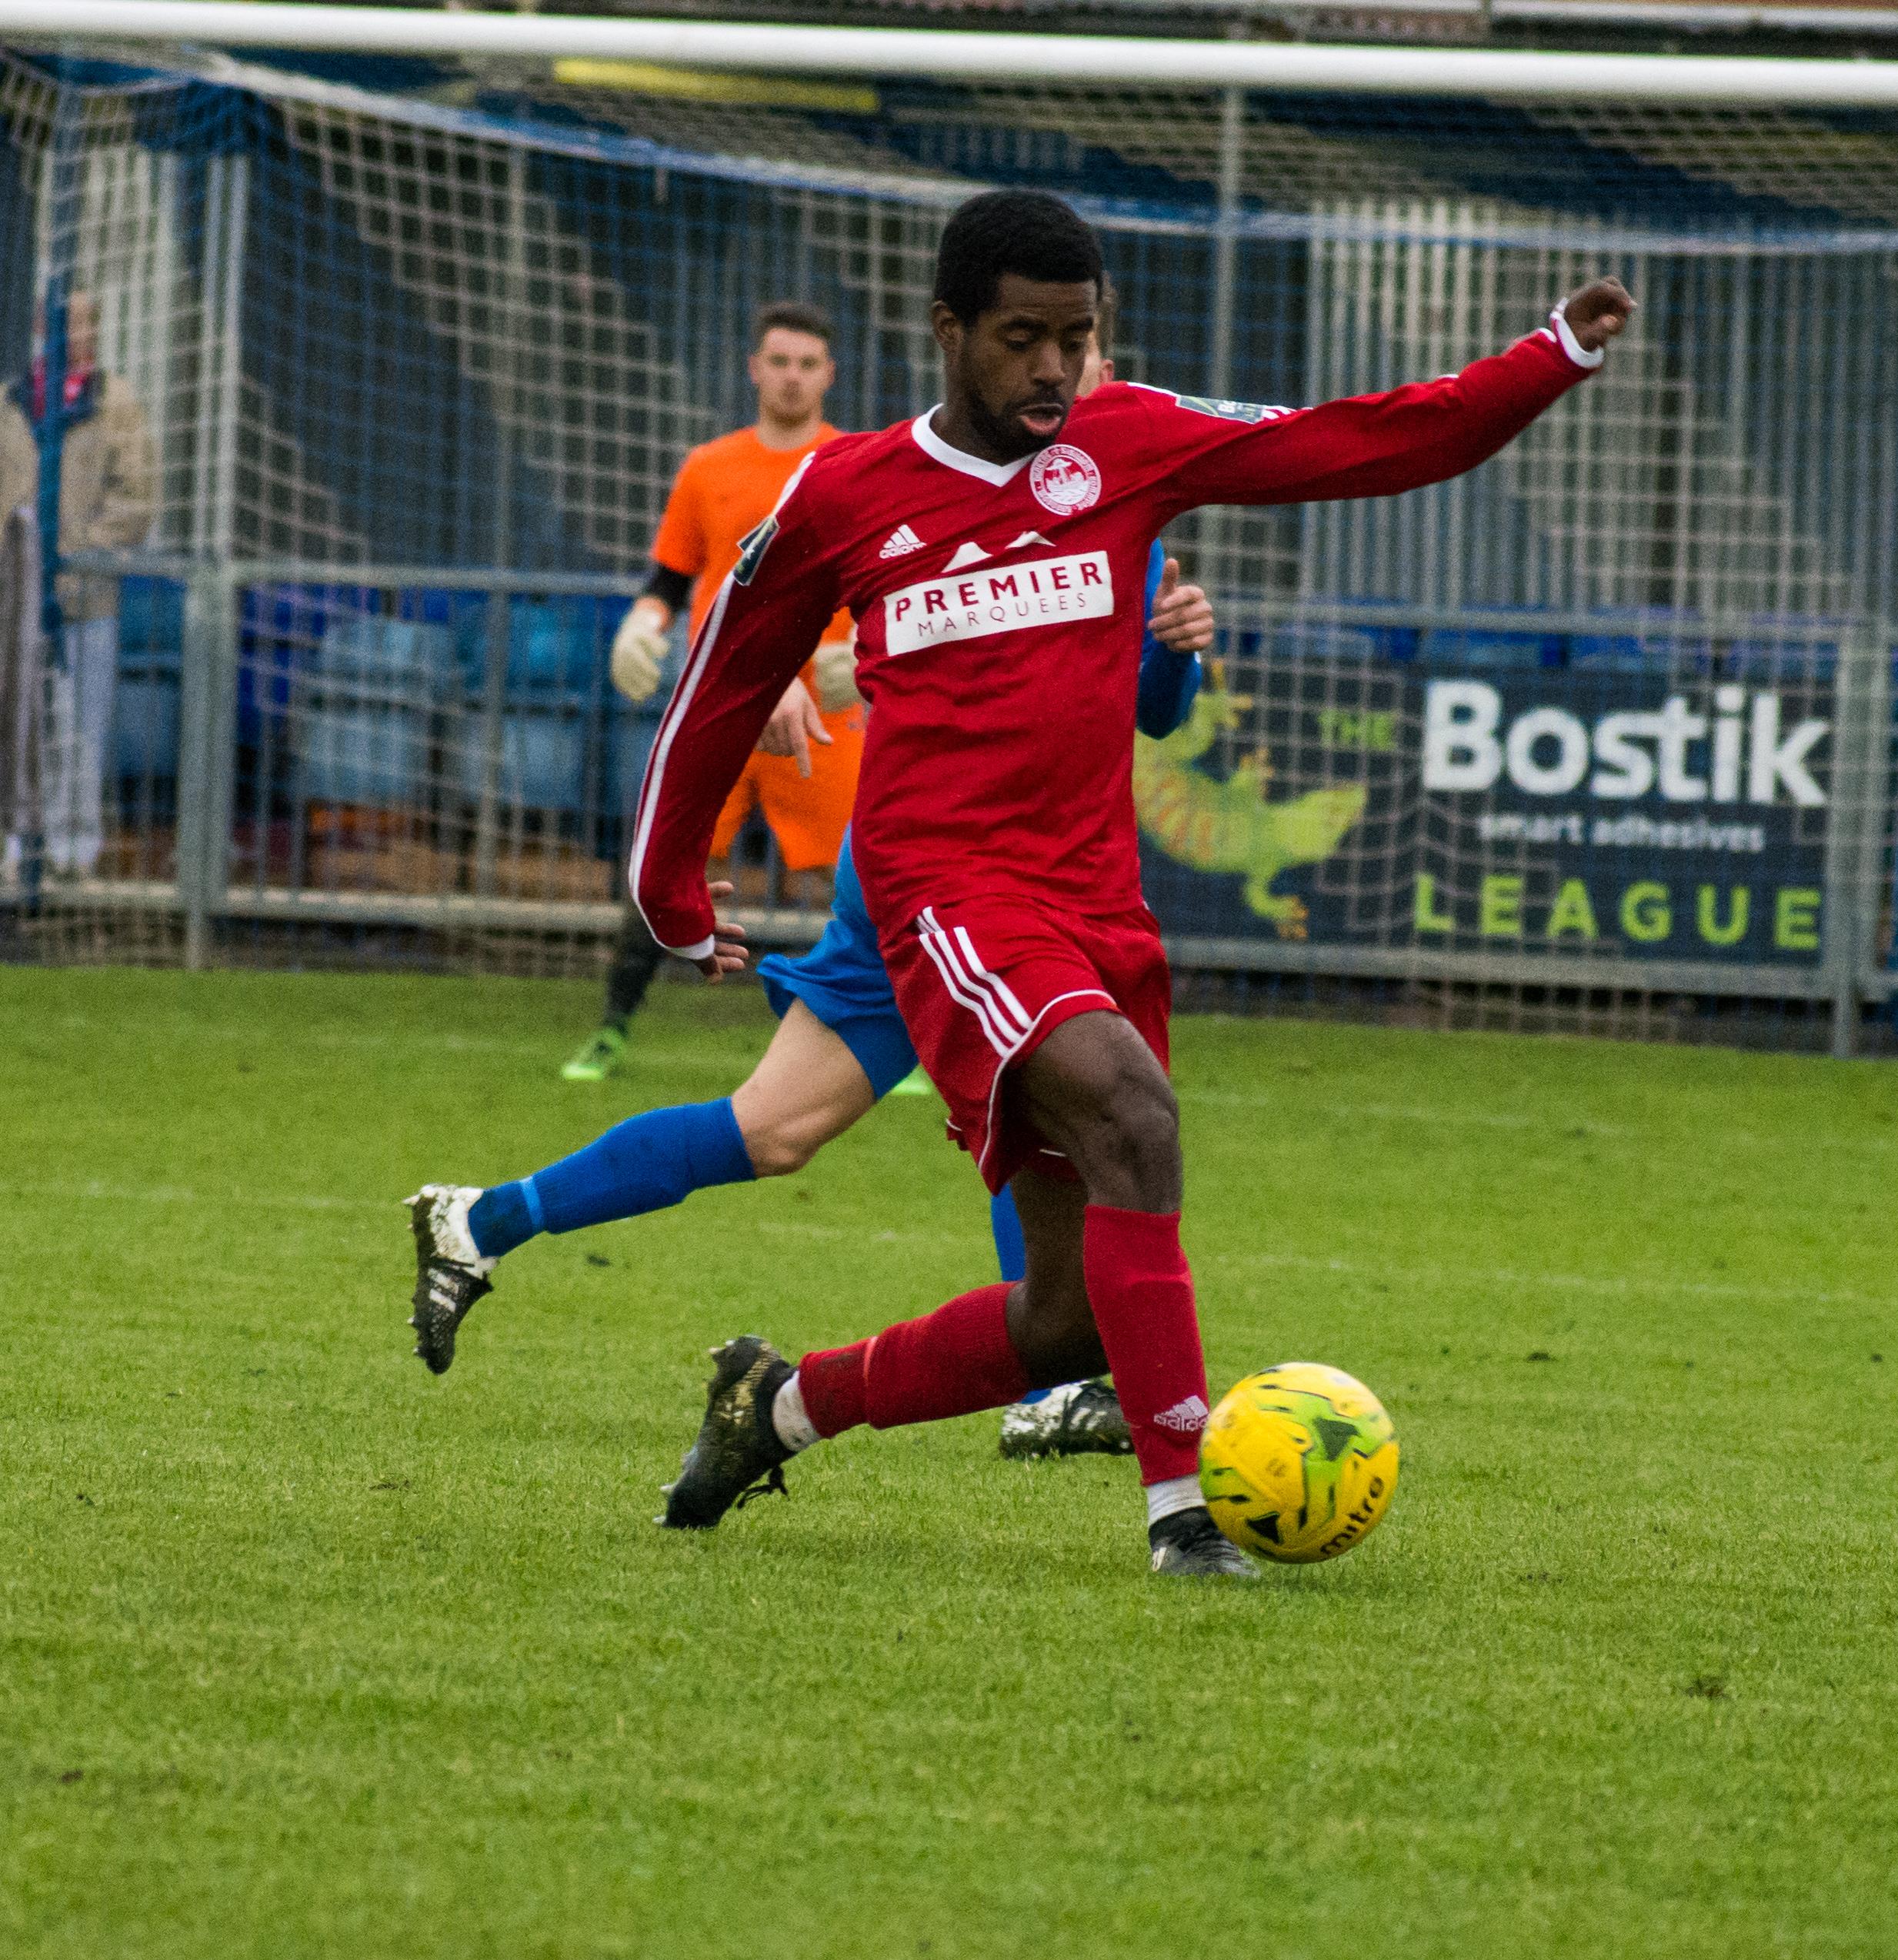 Shoreham FC vs Hythe Town 11.11.17 44